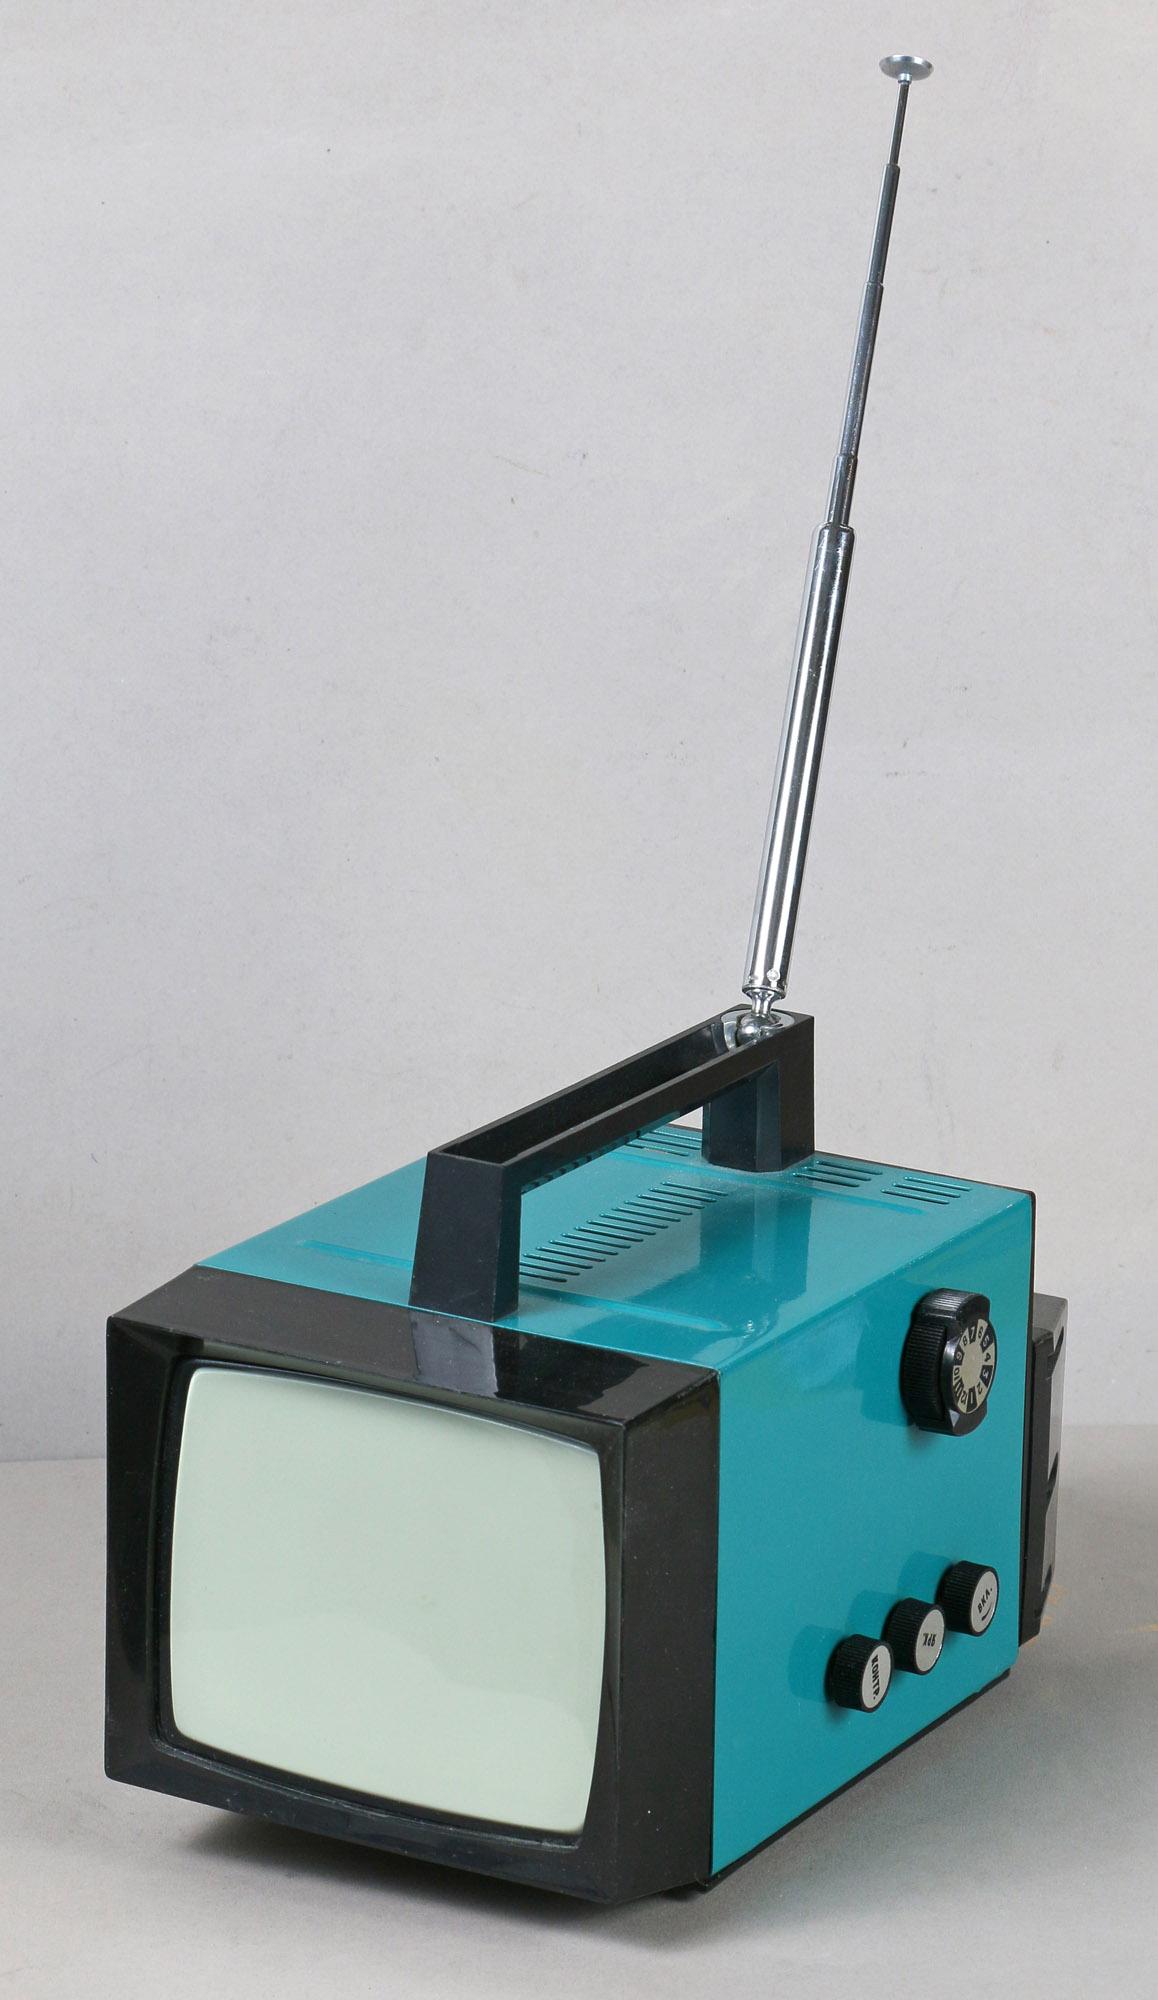 Elektronika VL-100 FF televíziókészülék